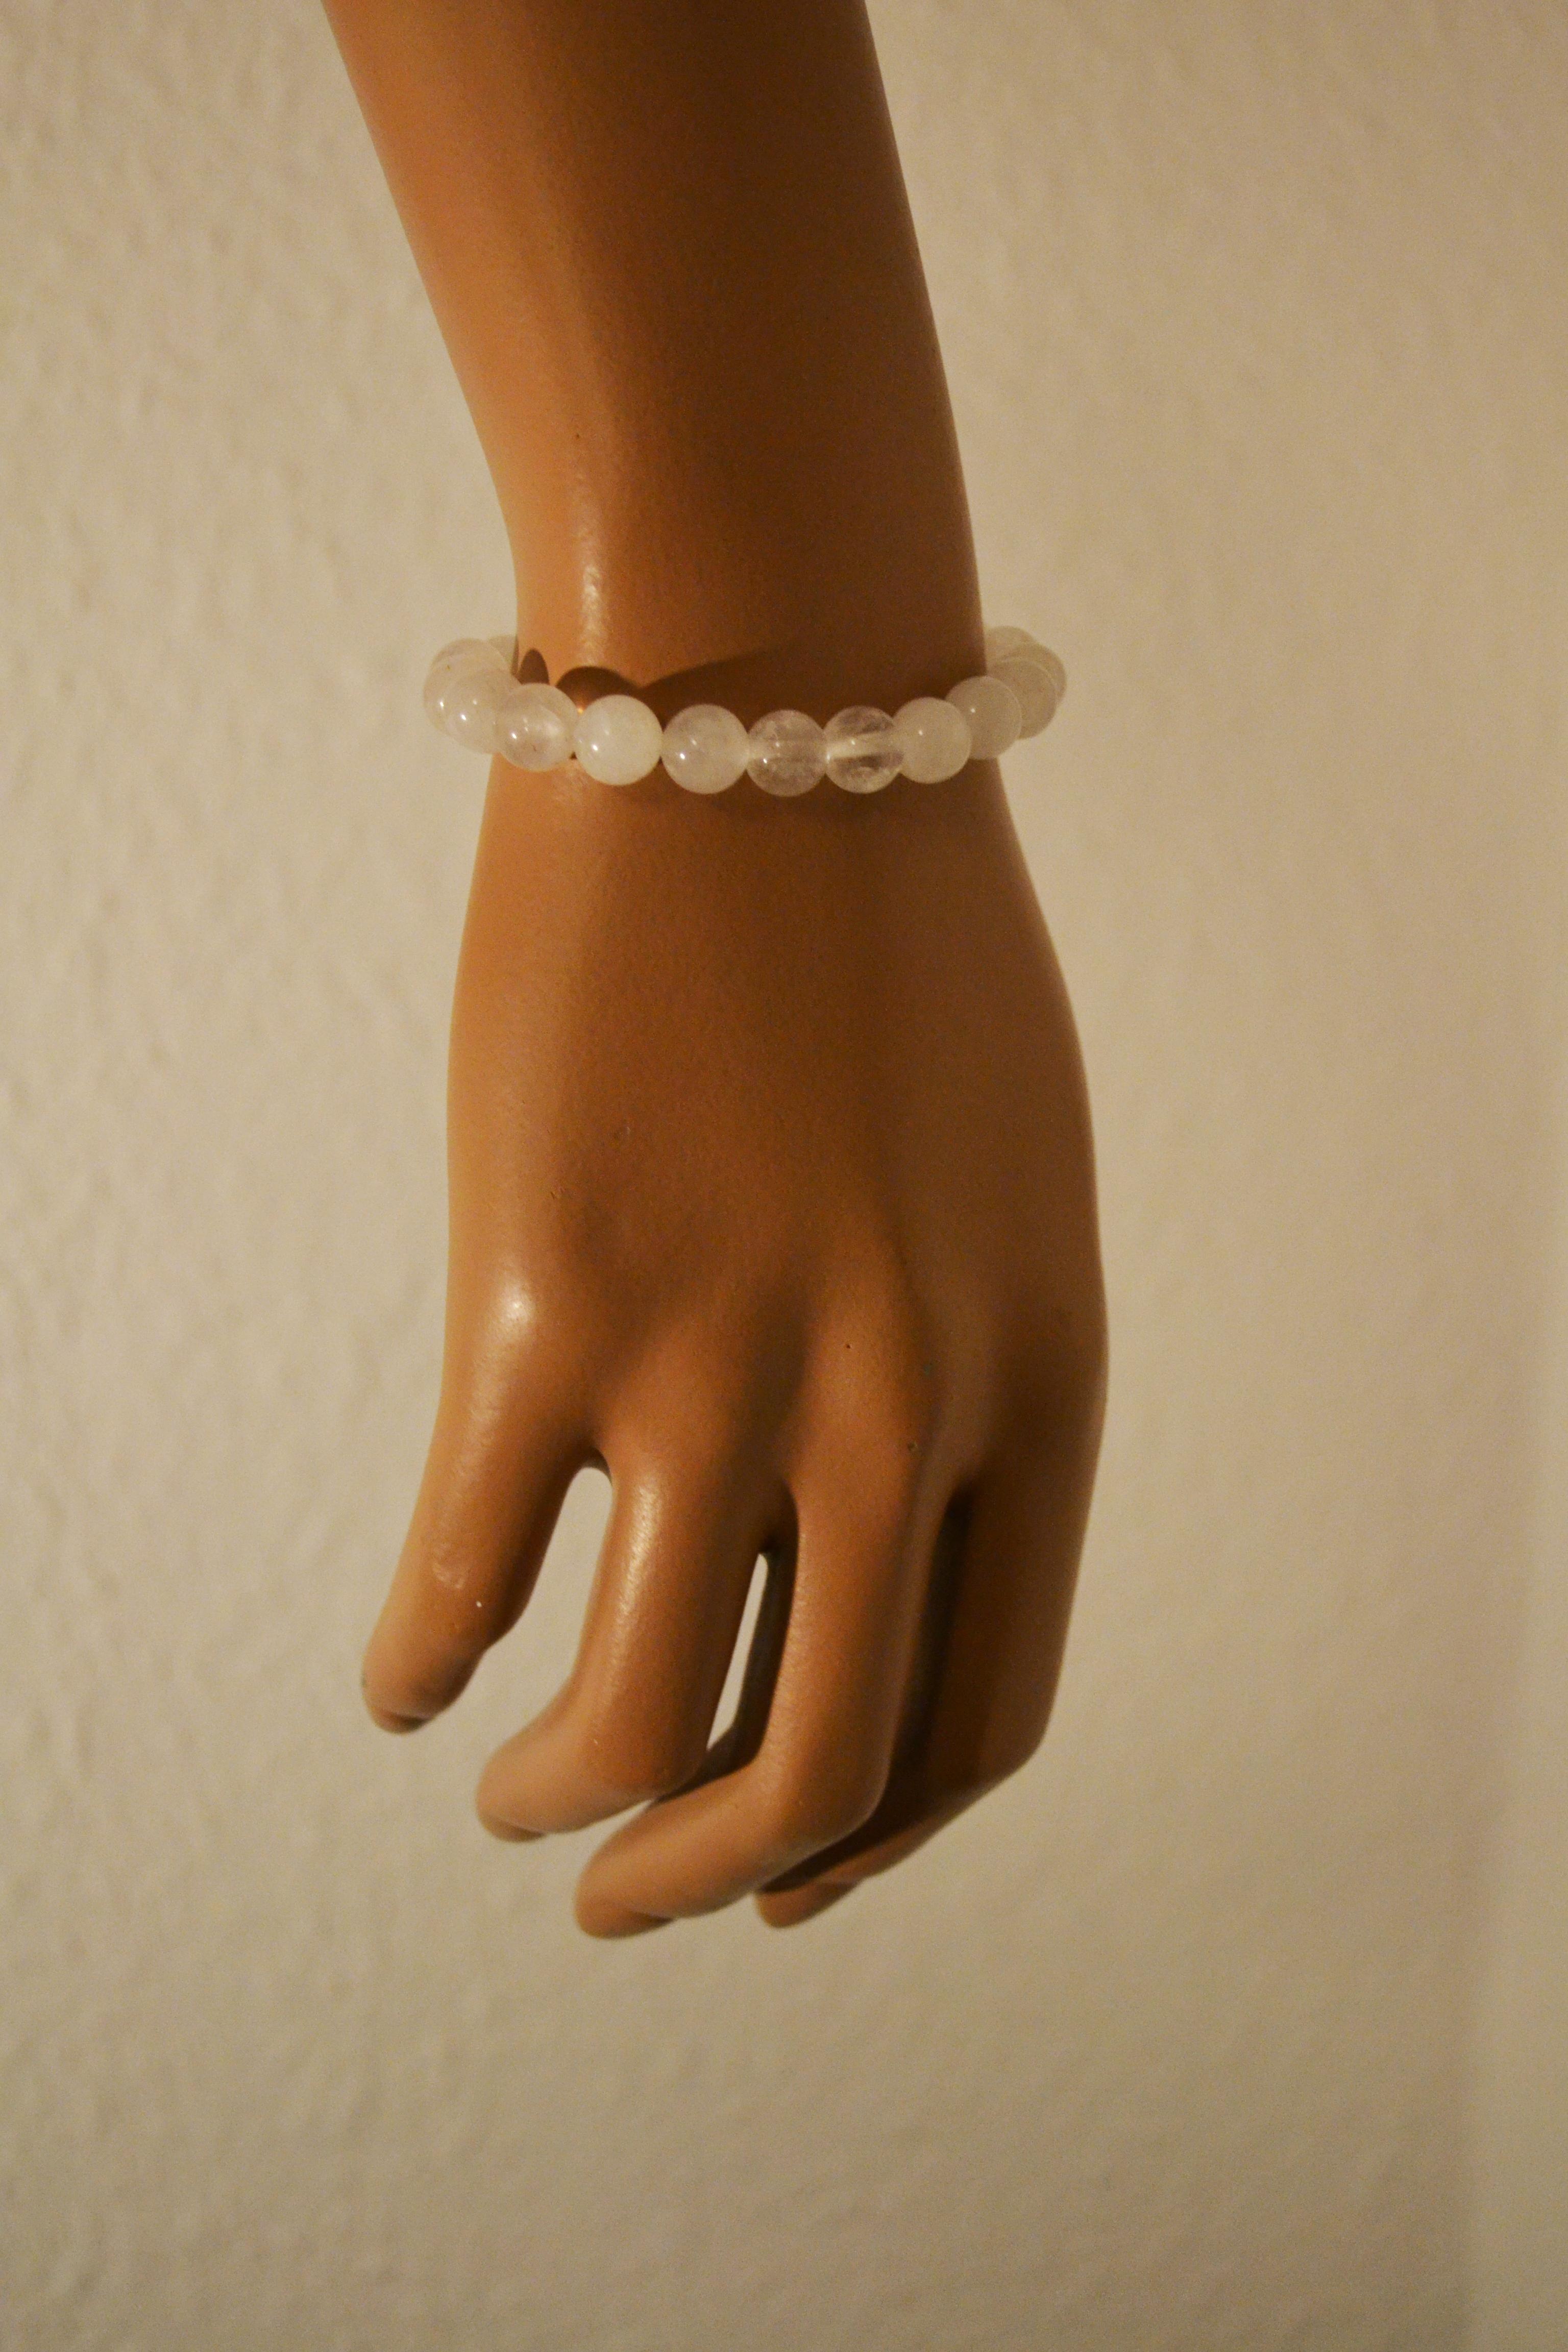 Power Armband transparent